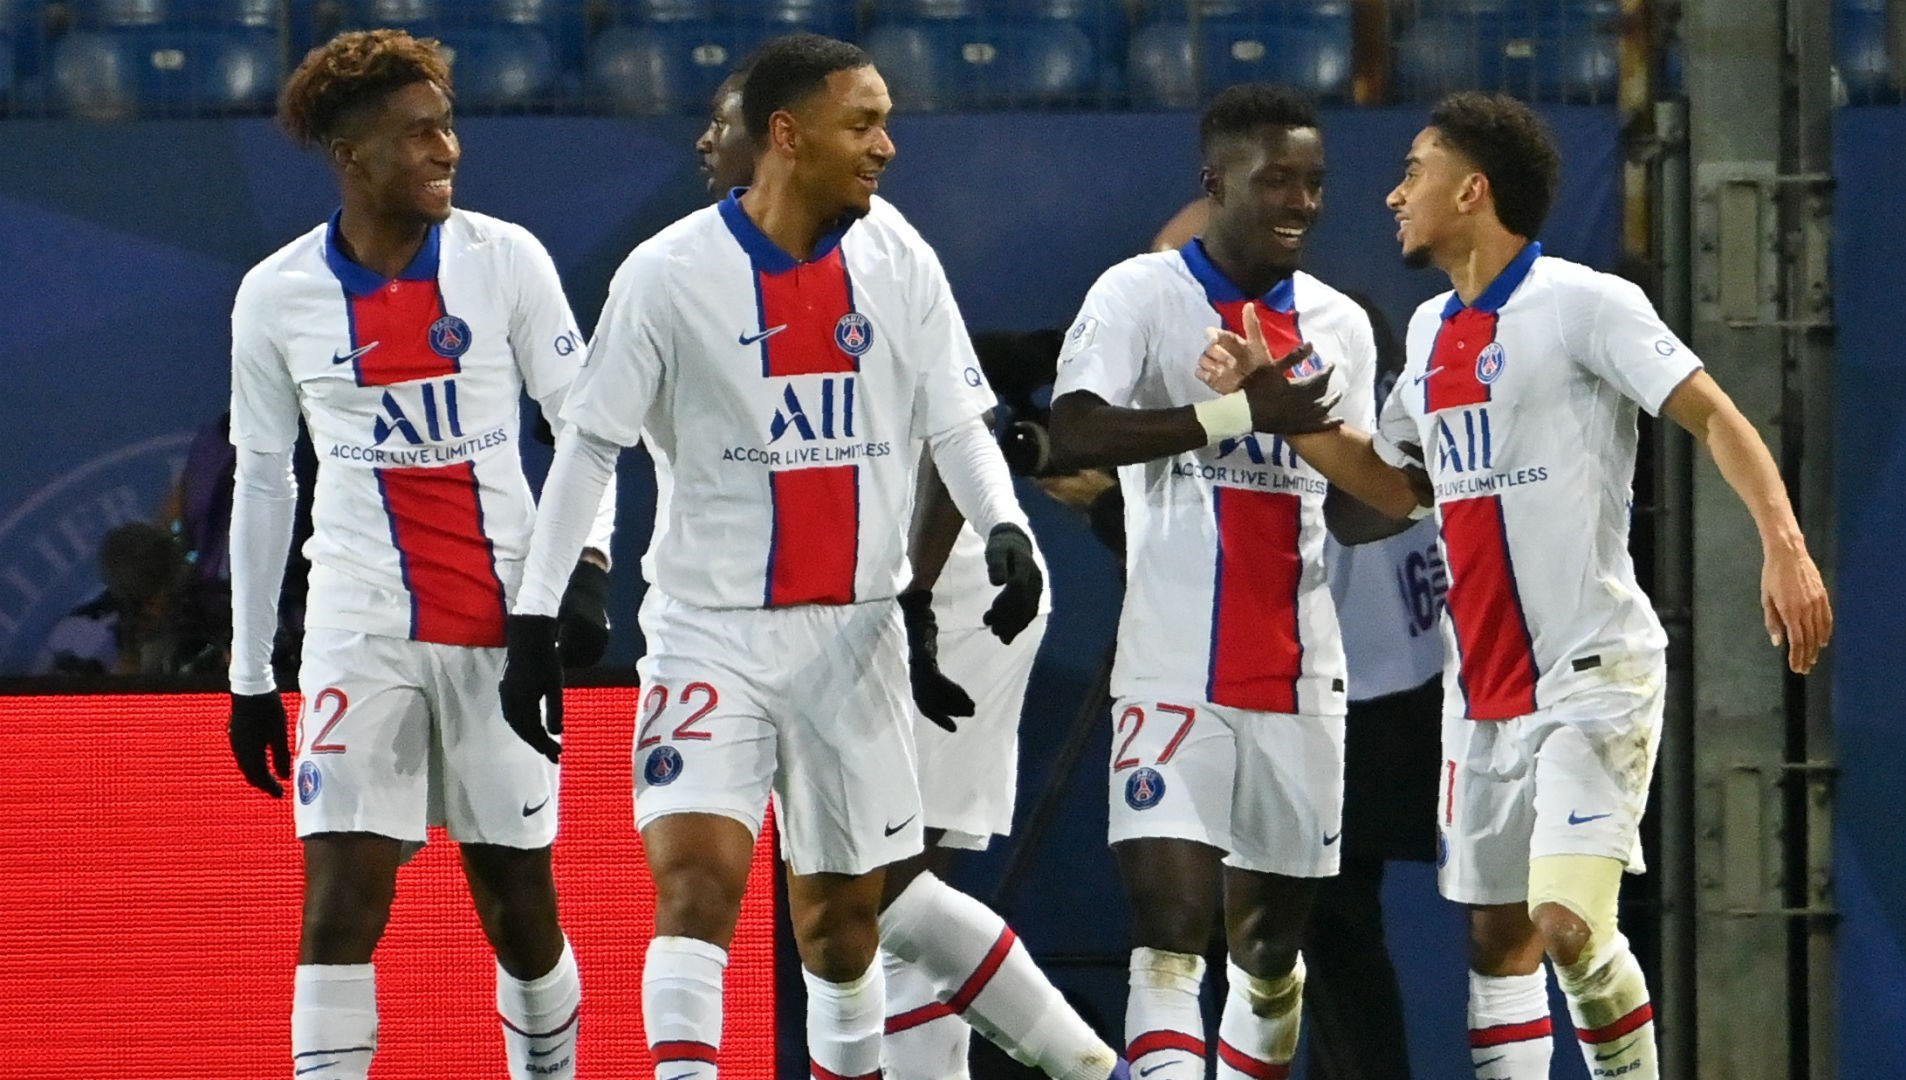 فاز باريس سان جيرمان على مونبيليه 3-1